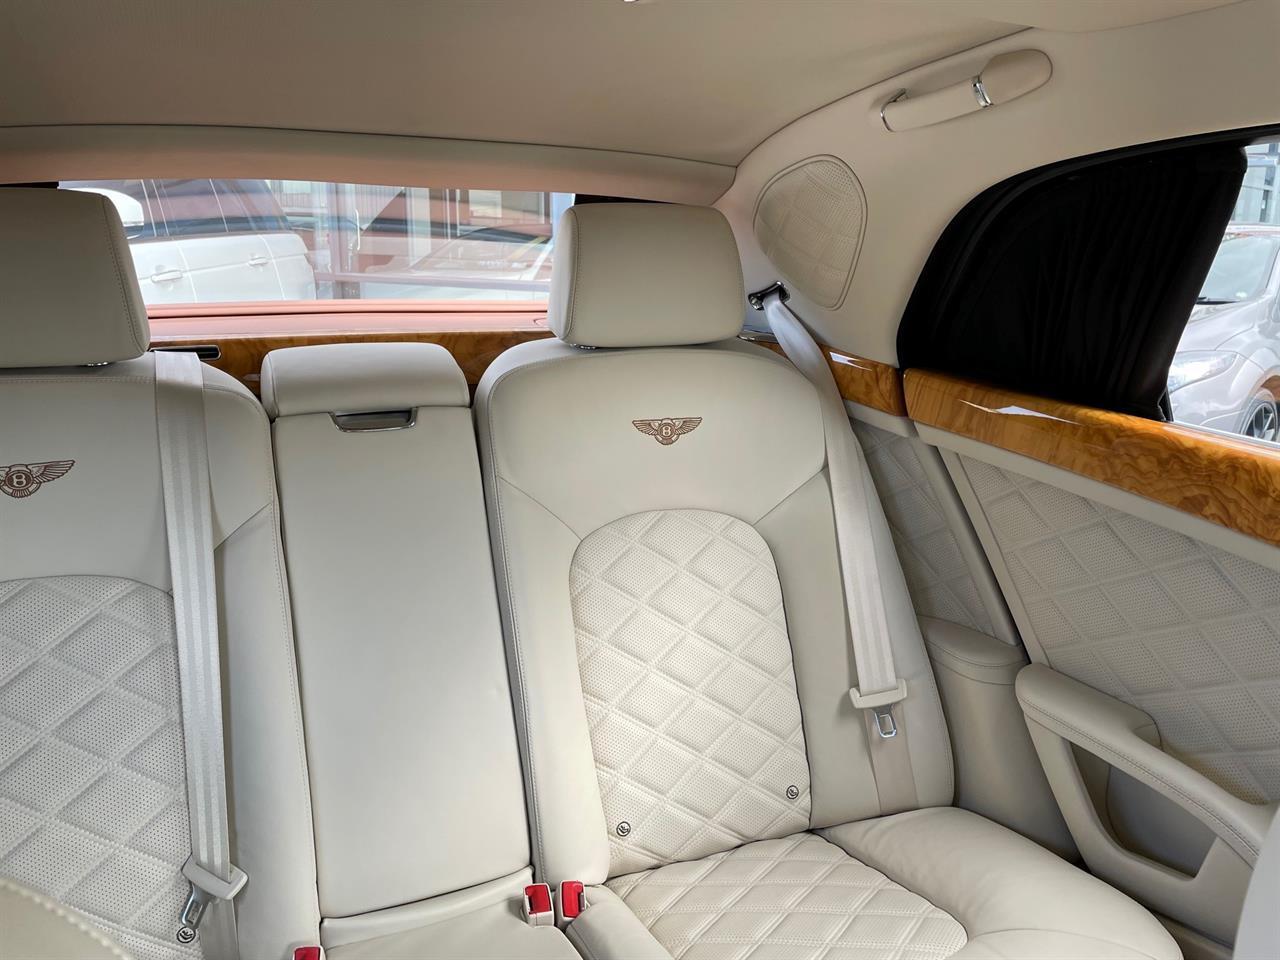 image-13, 2014 Bentley Mulsanne 6.7 V8 Turbo Mulliner at Christchurch